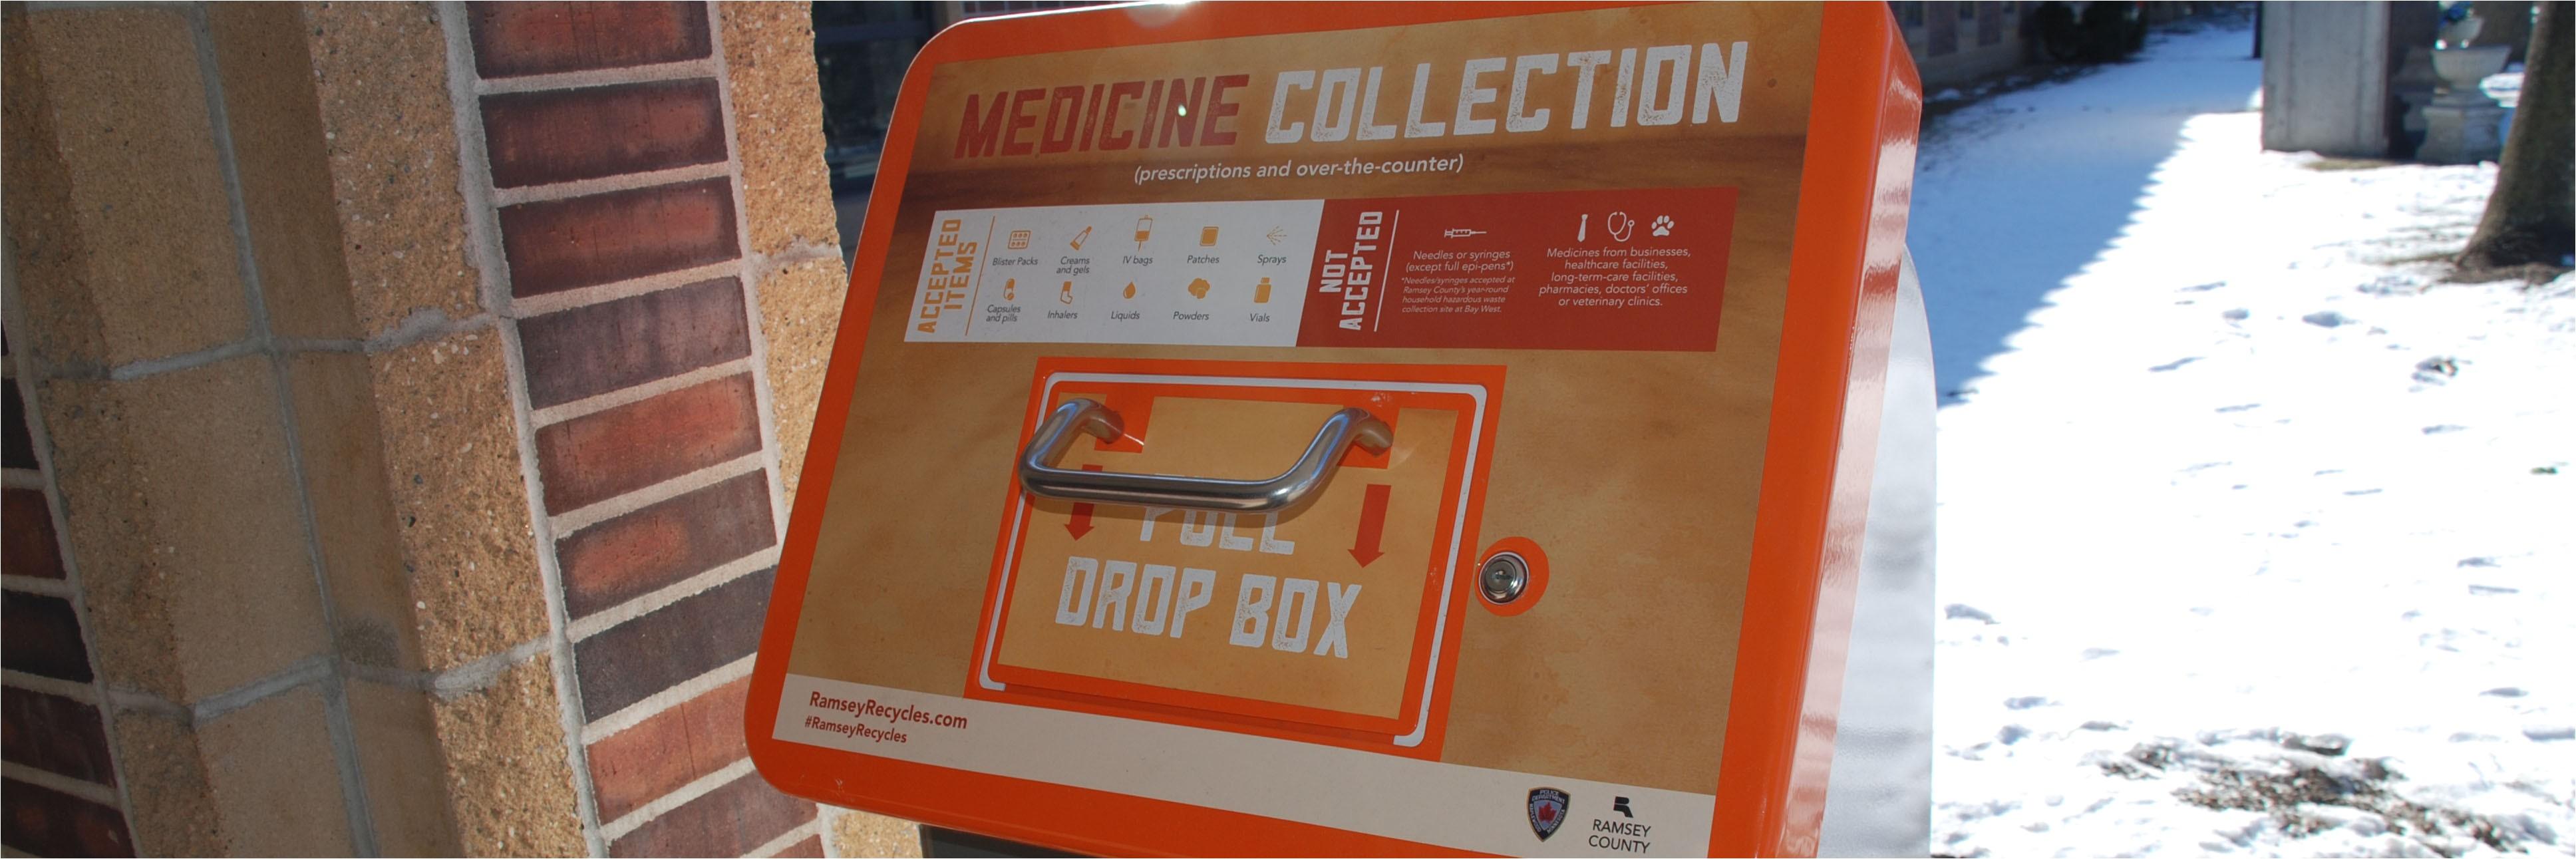 medicine collection drop box